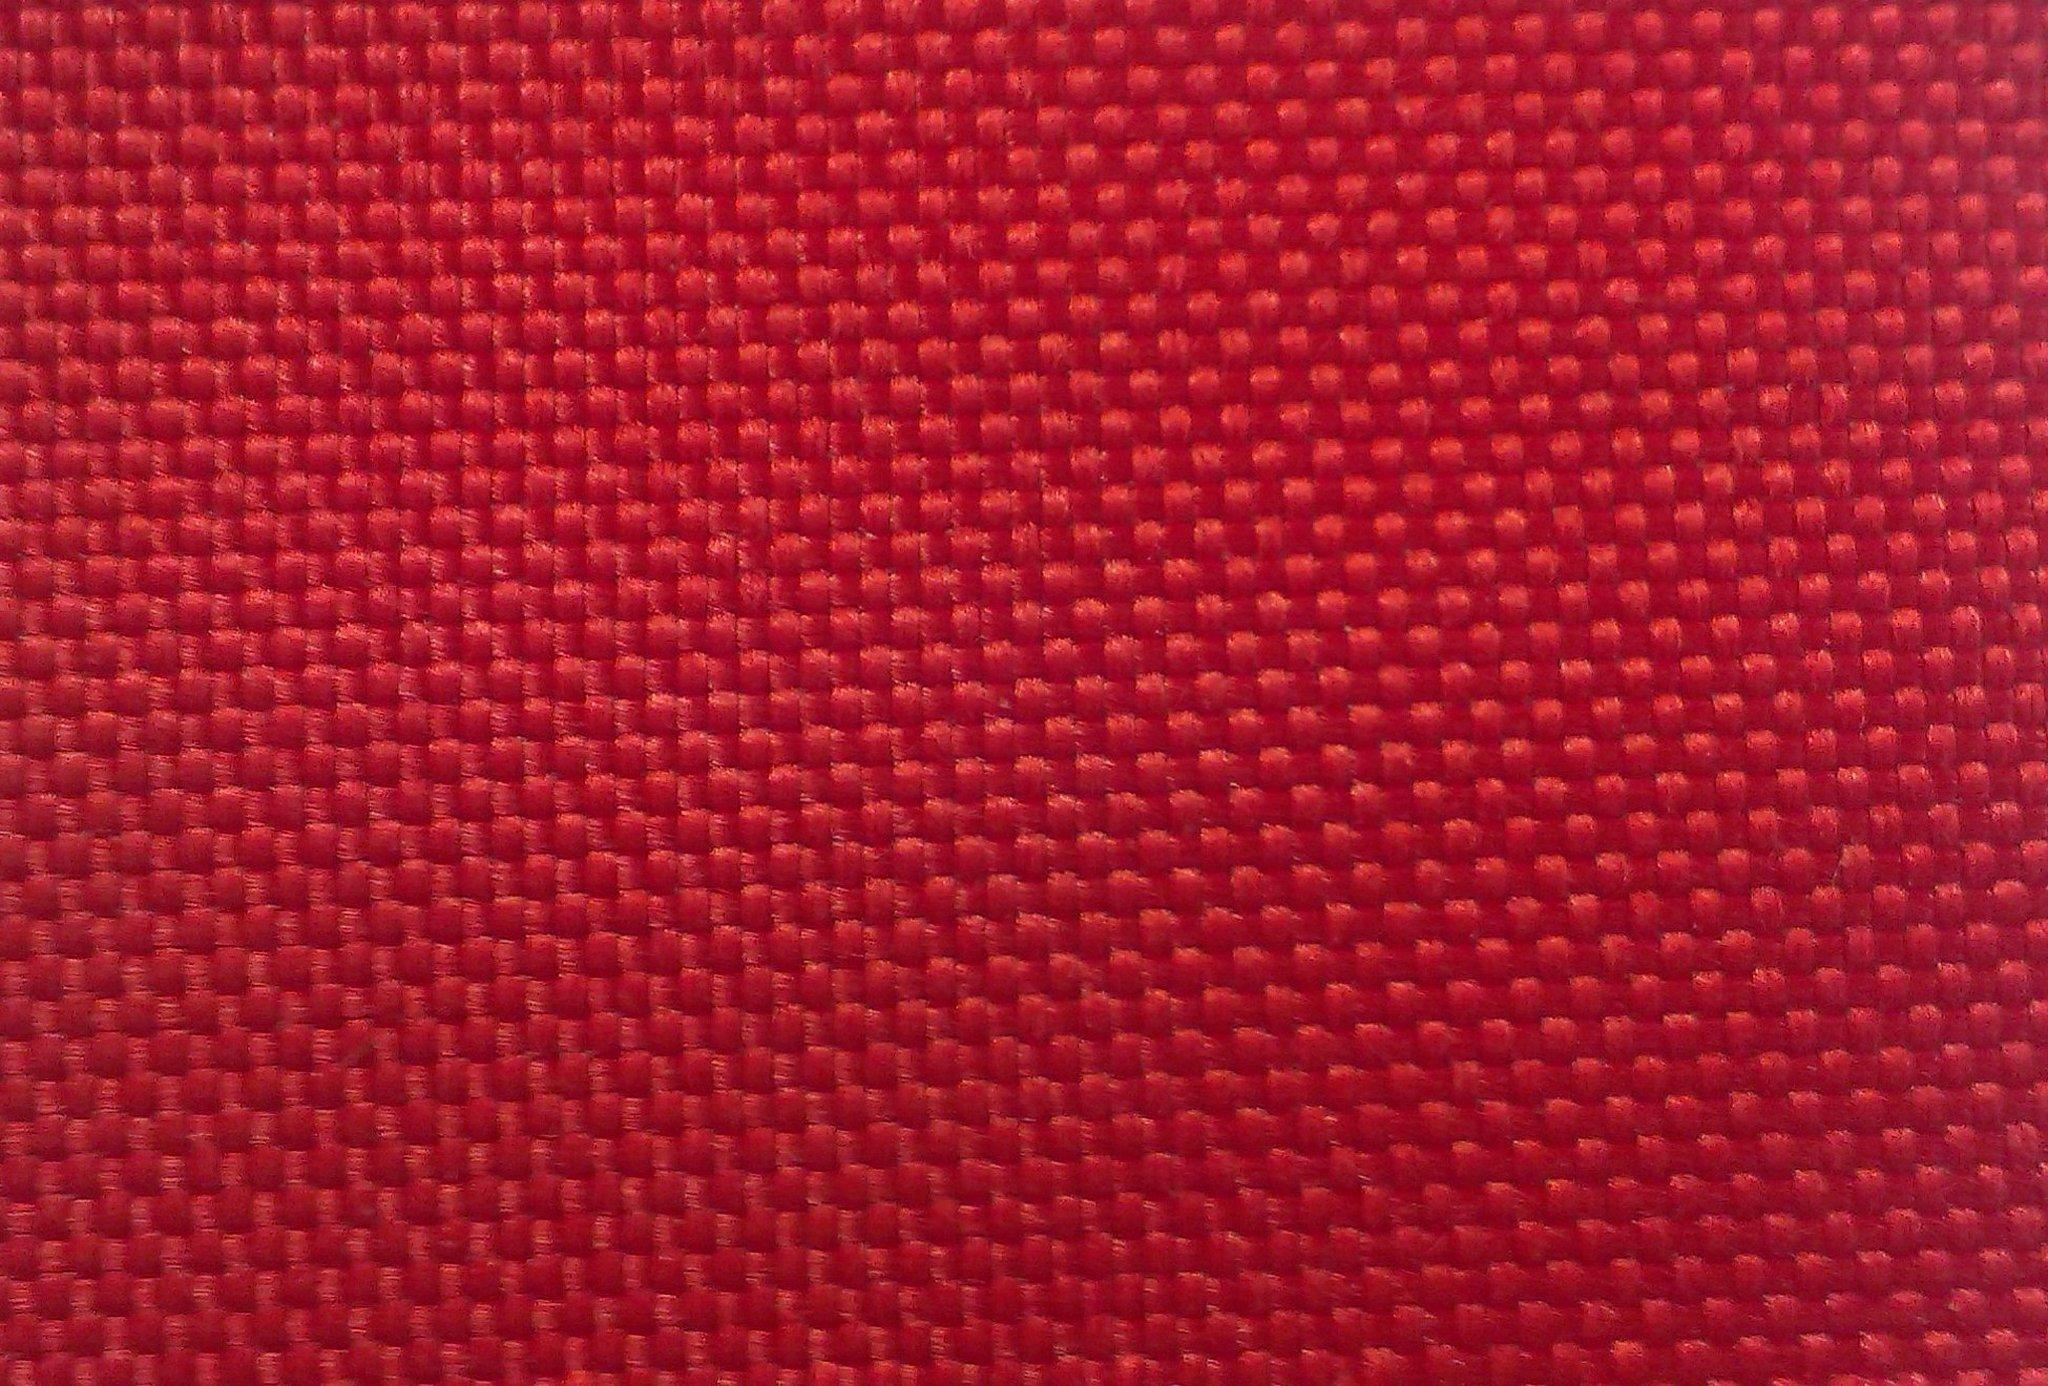 Текстура красная сетка ткань